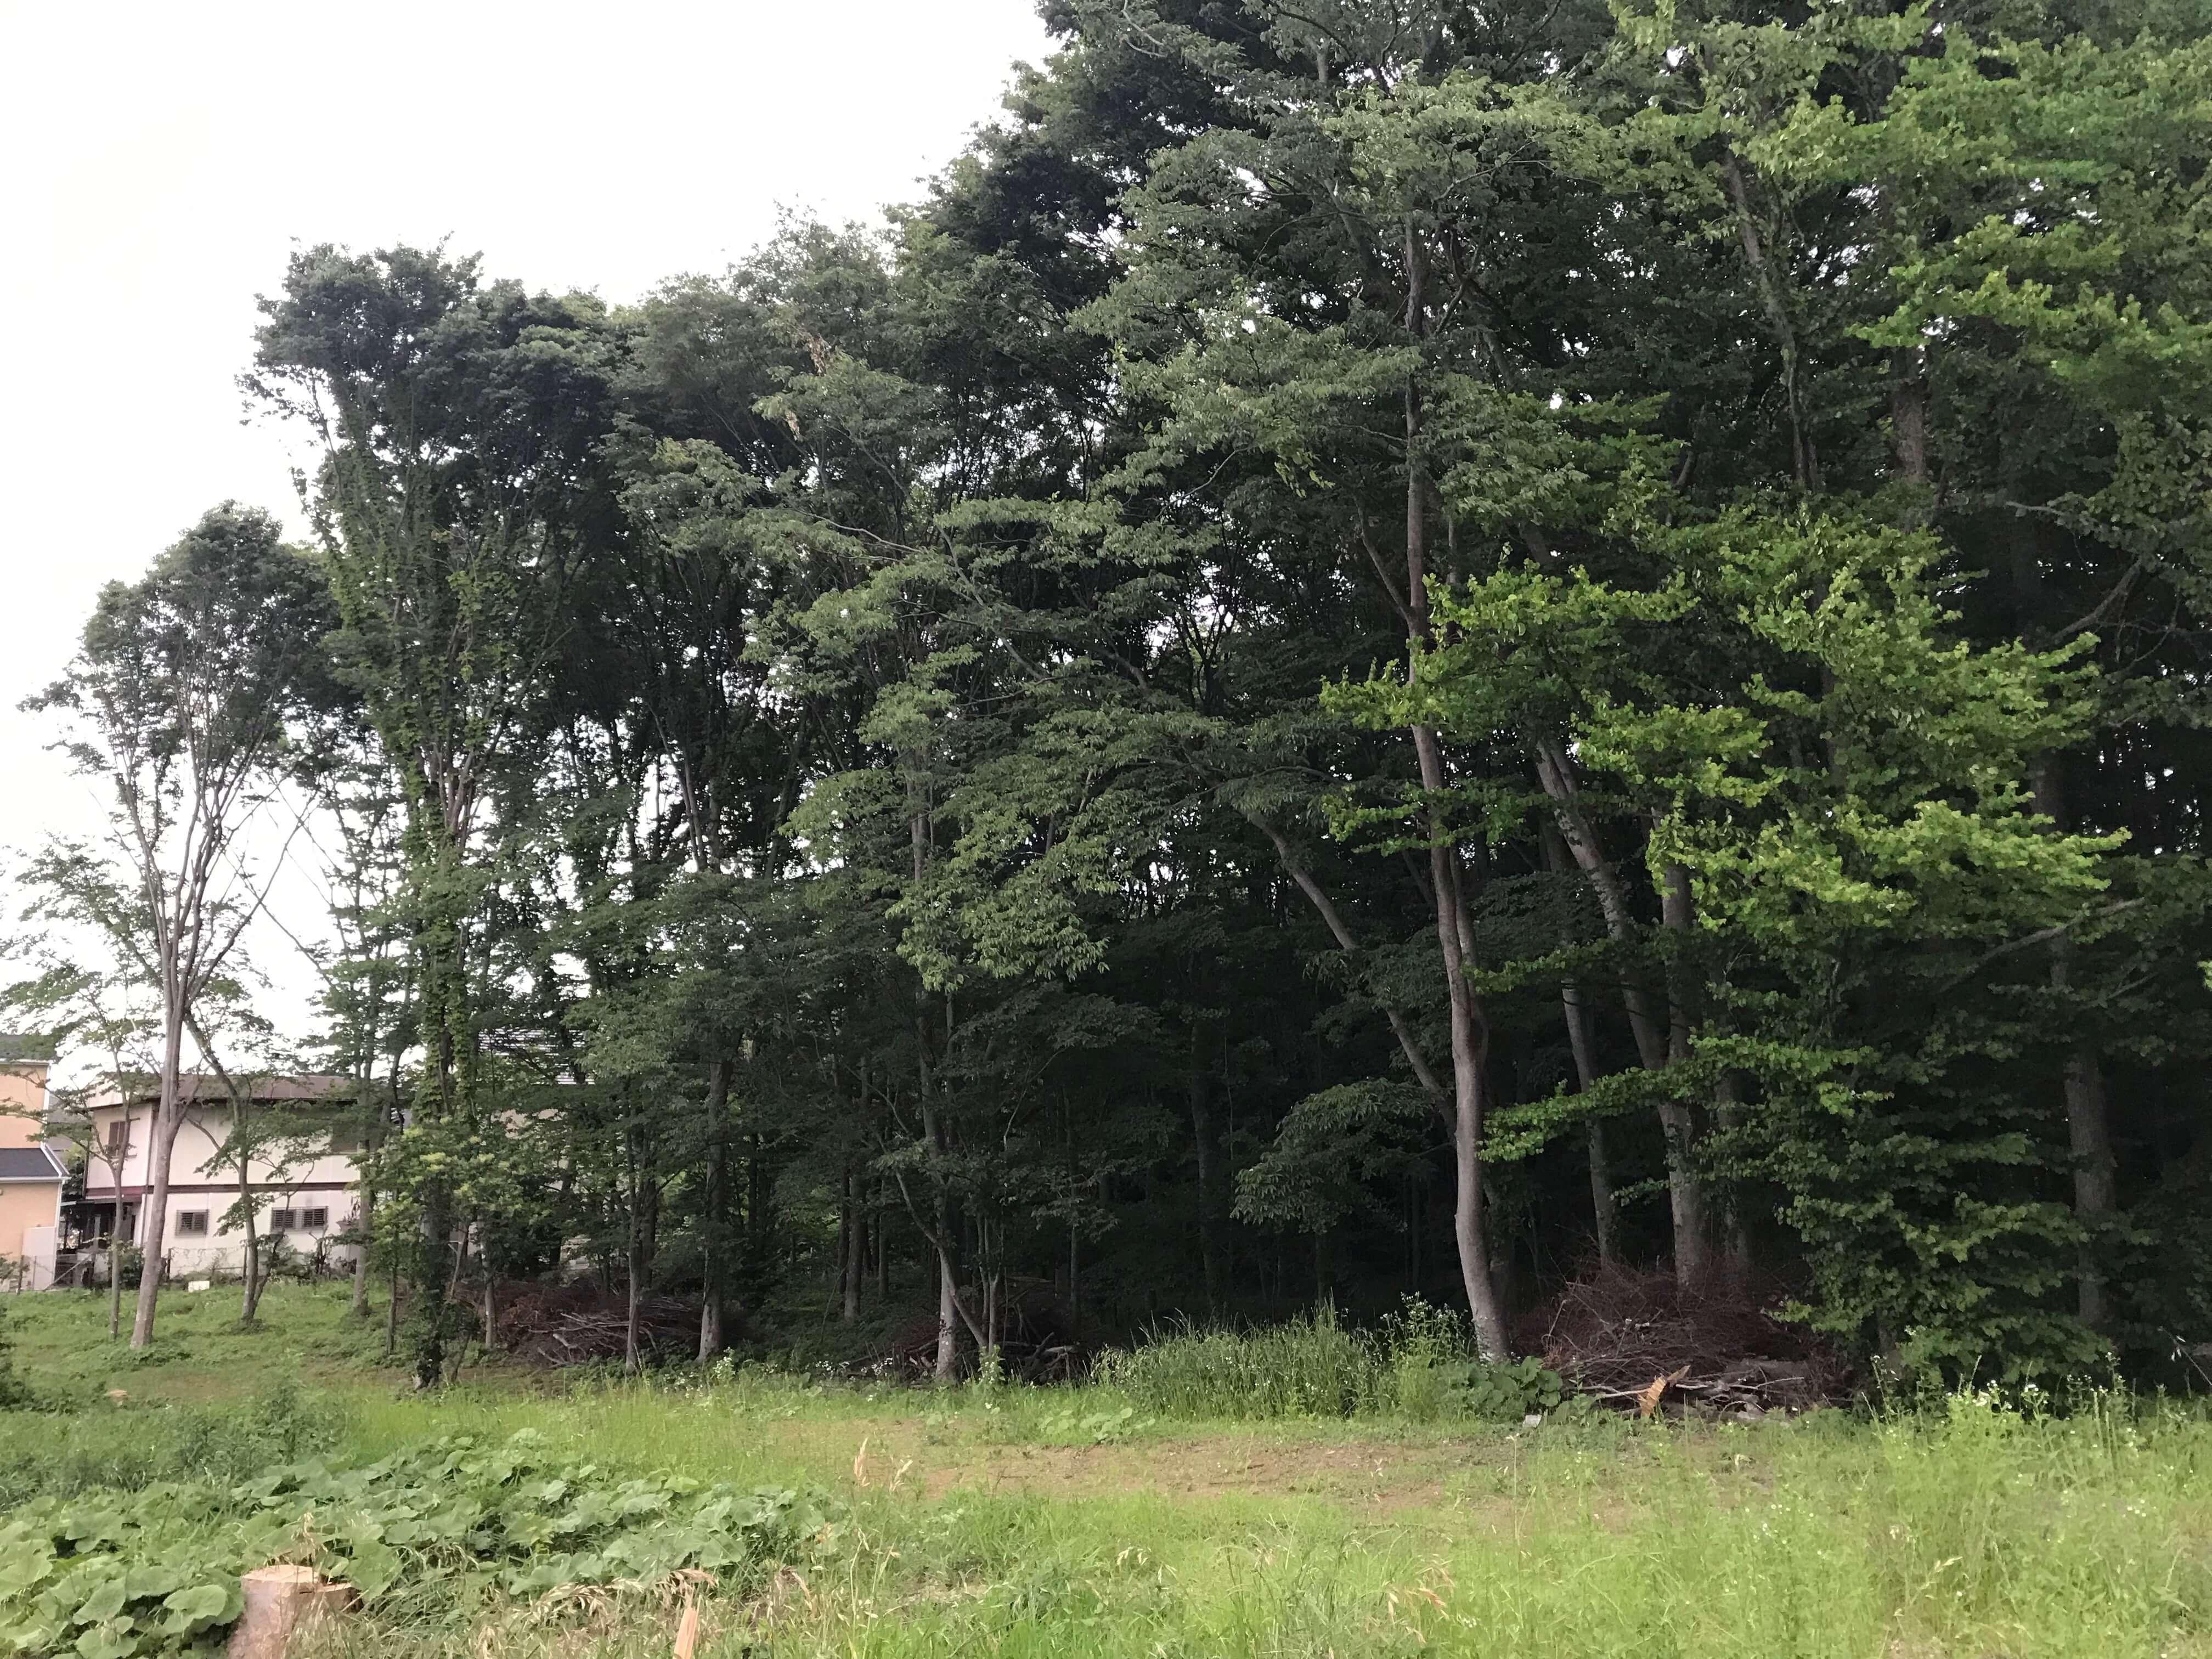 たくさんの木が生い茂っている守谷どろんこ保育園の建設予定地